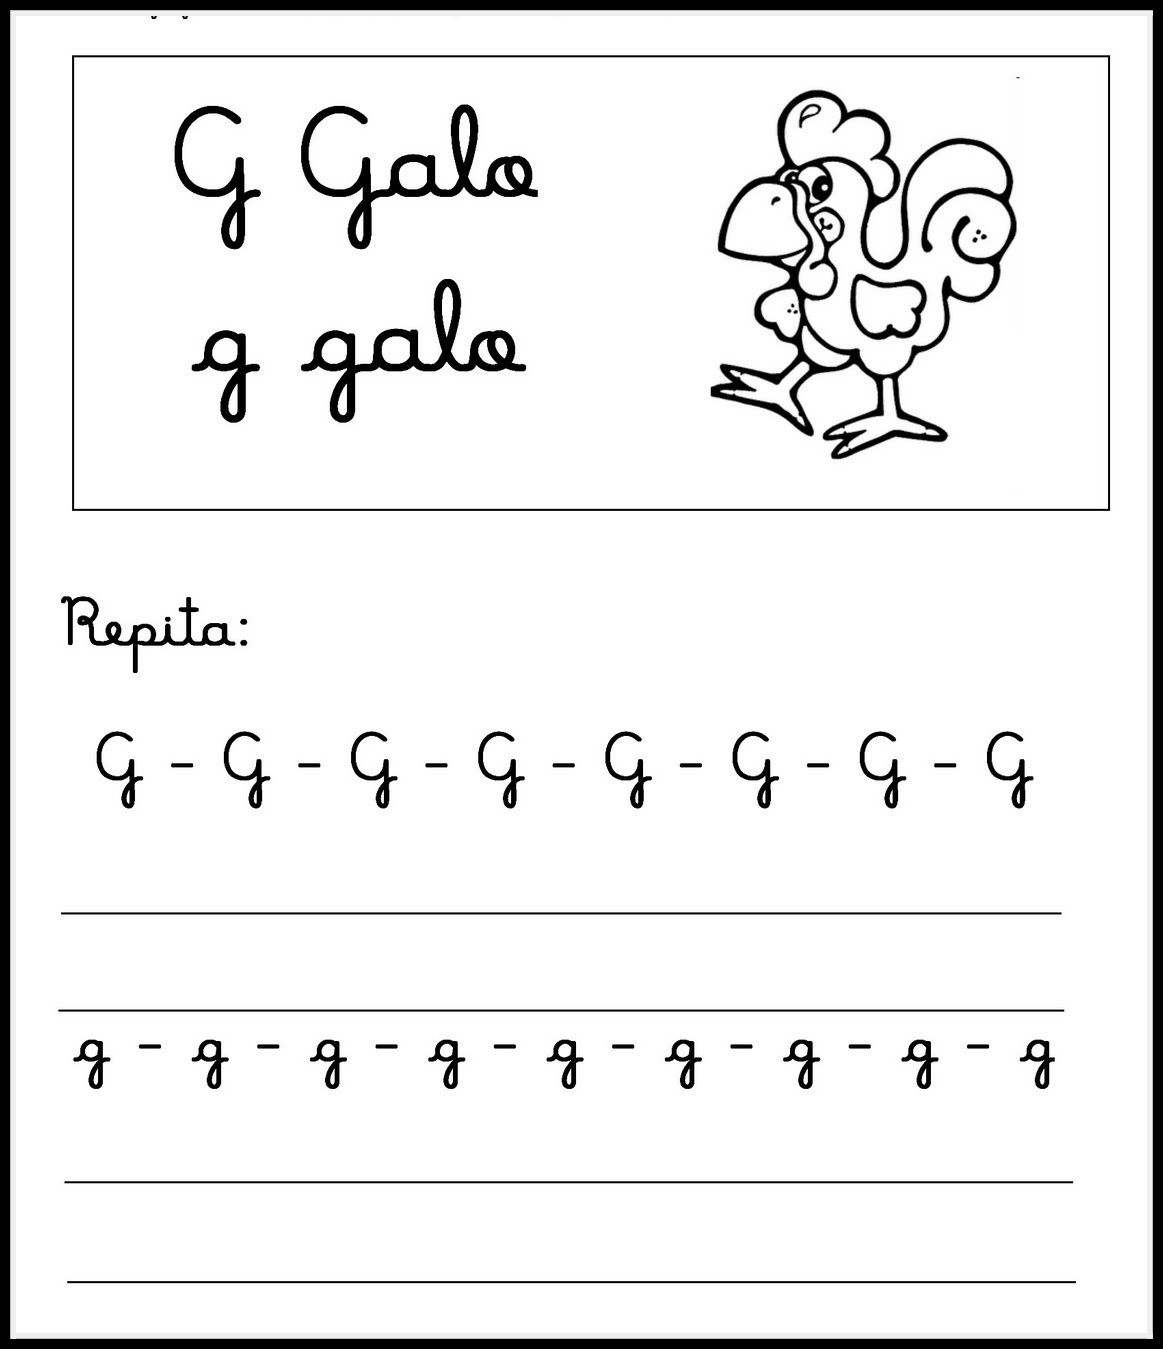 Preferência Espaço Saber Infantil: ALFABETO LETRAS CURSIVAS - 1° ANO Alfabeto  JJ07